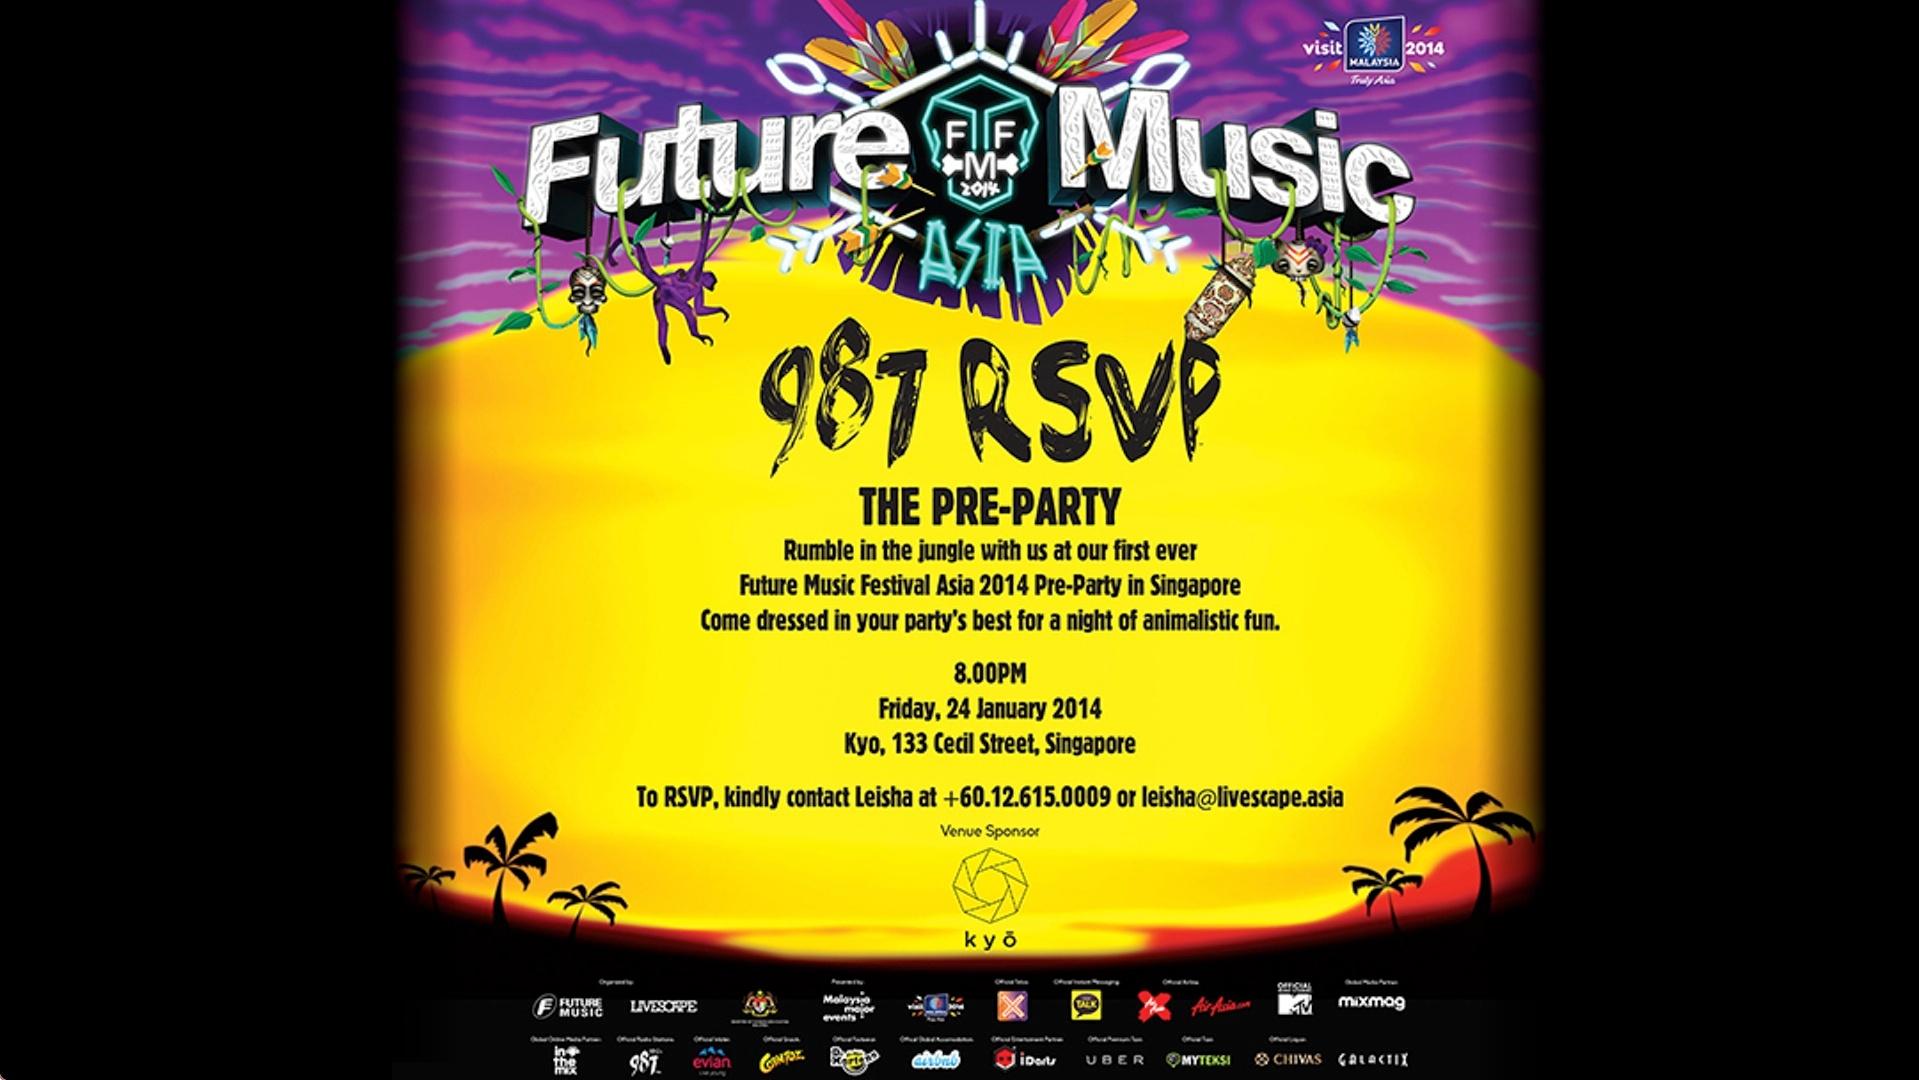 FMFA: The Pre-Party